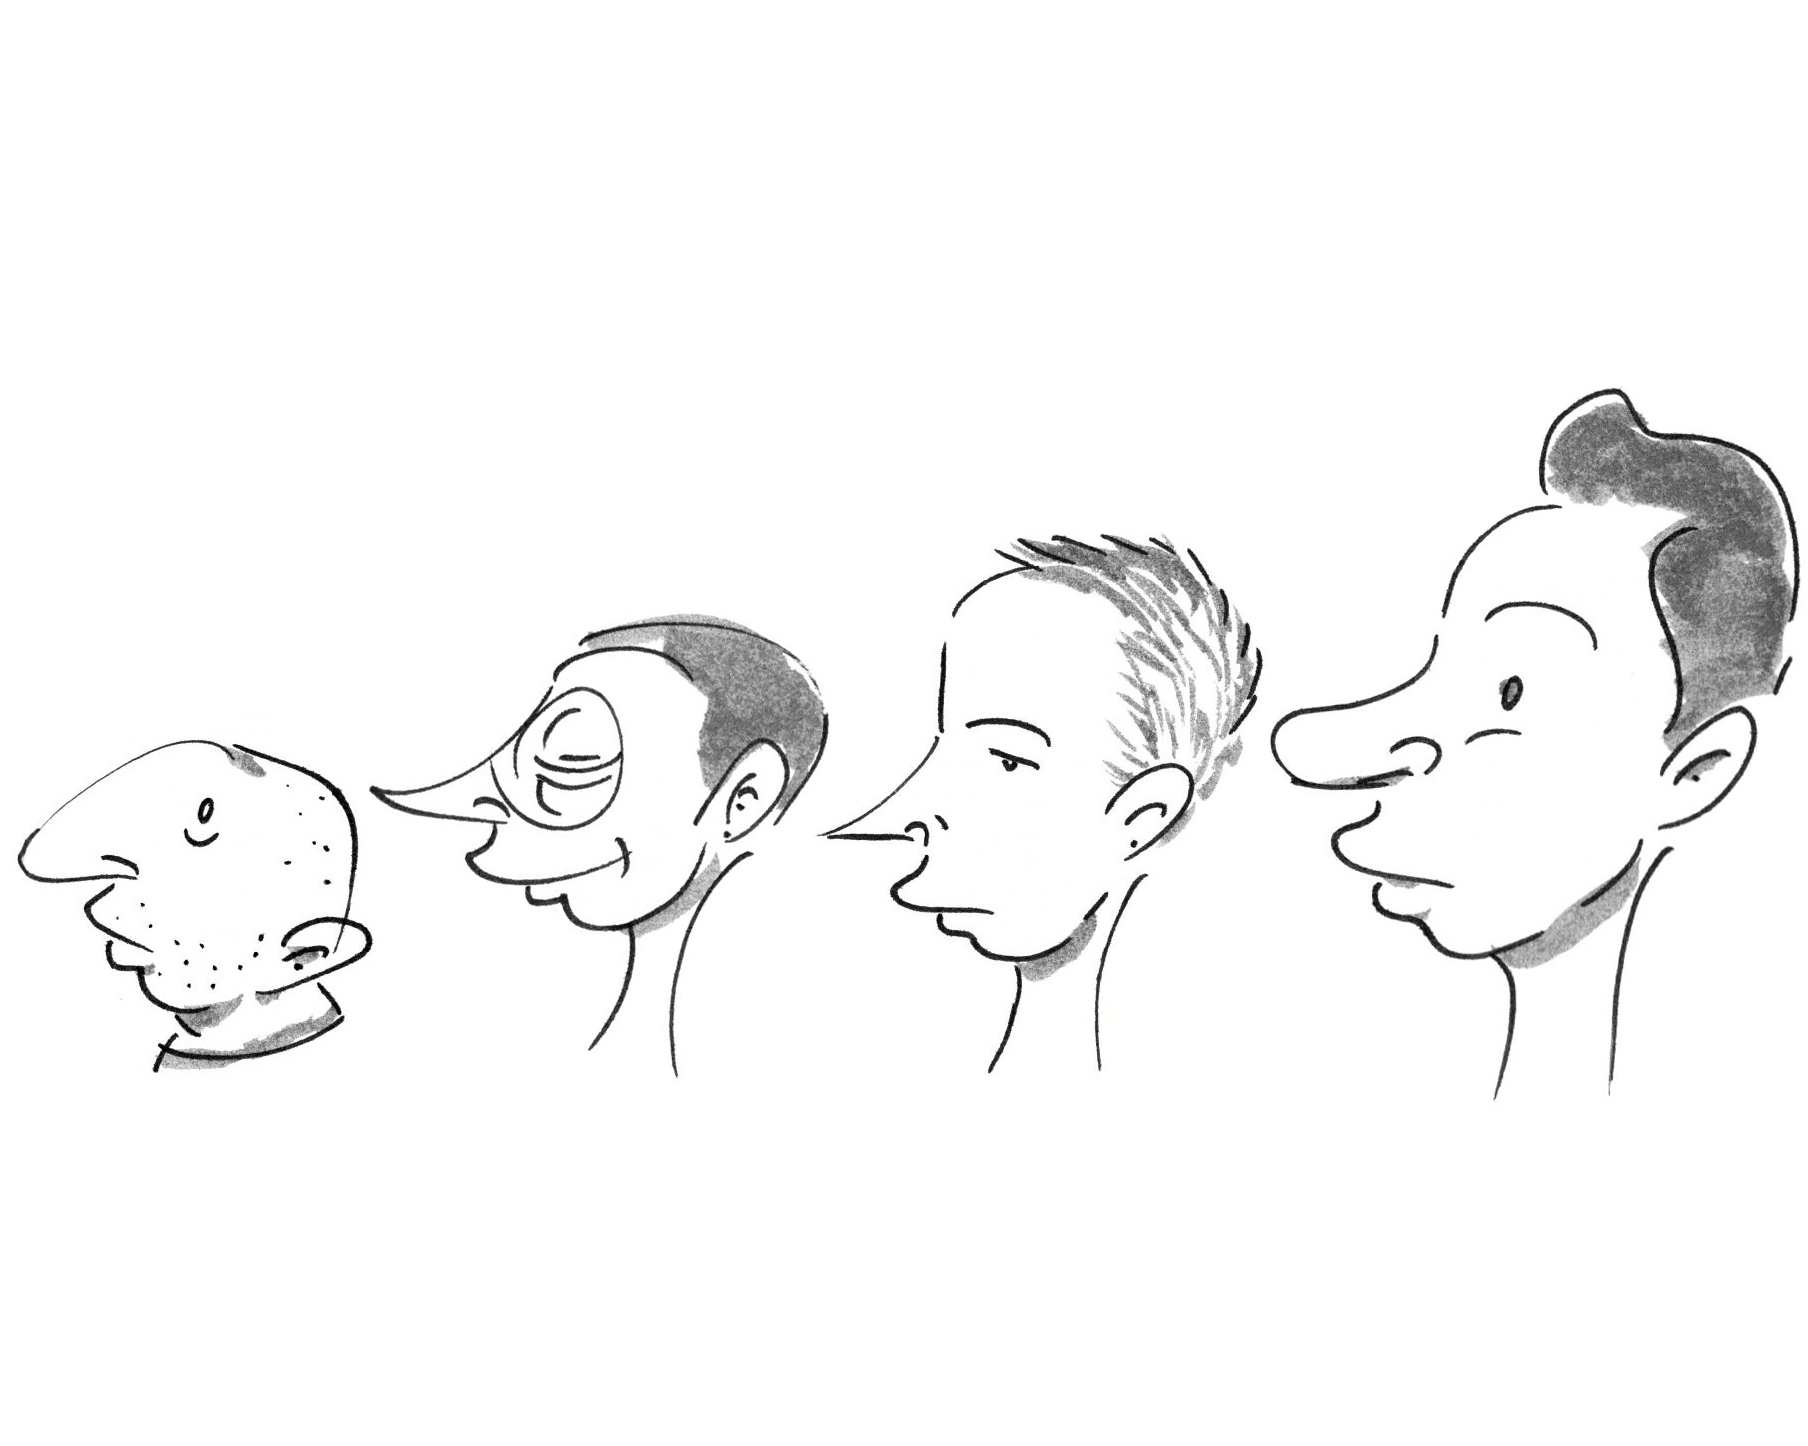 Four profiles